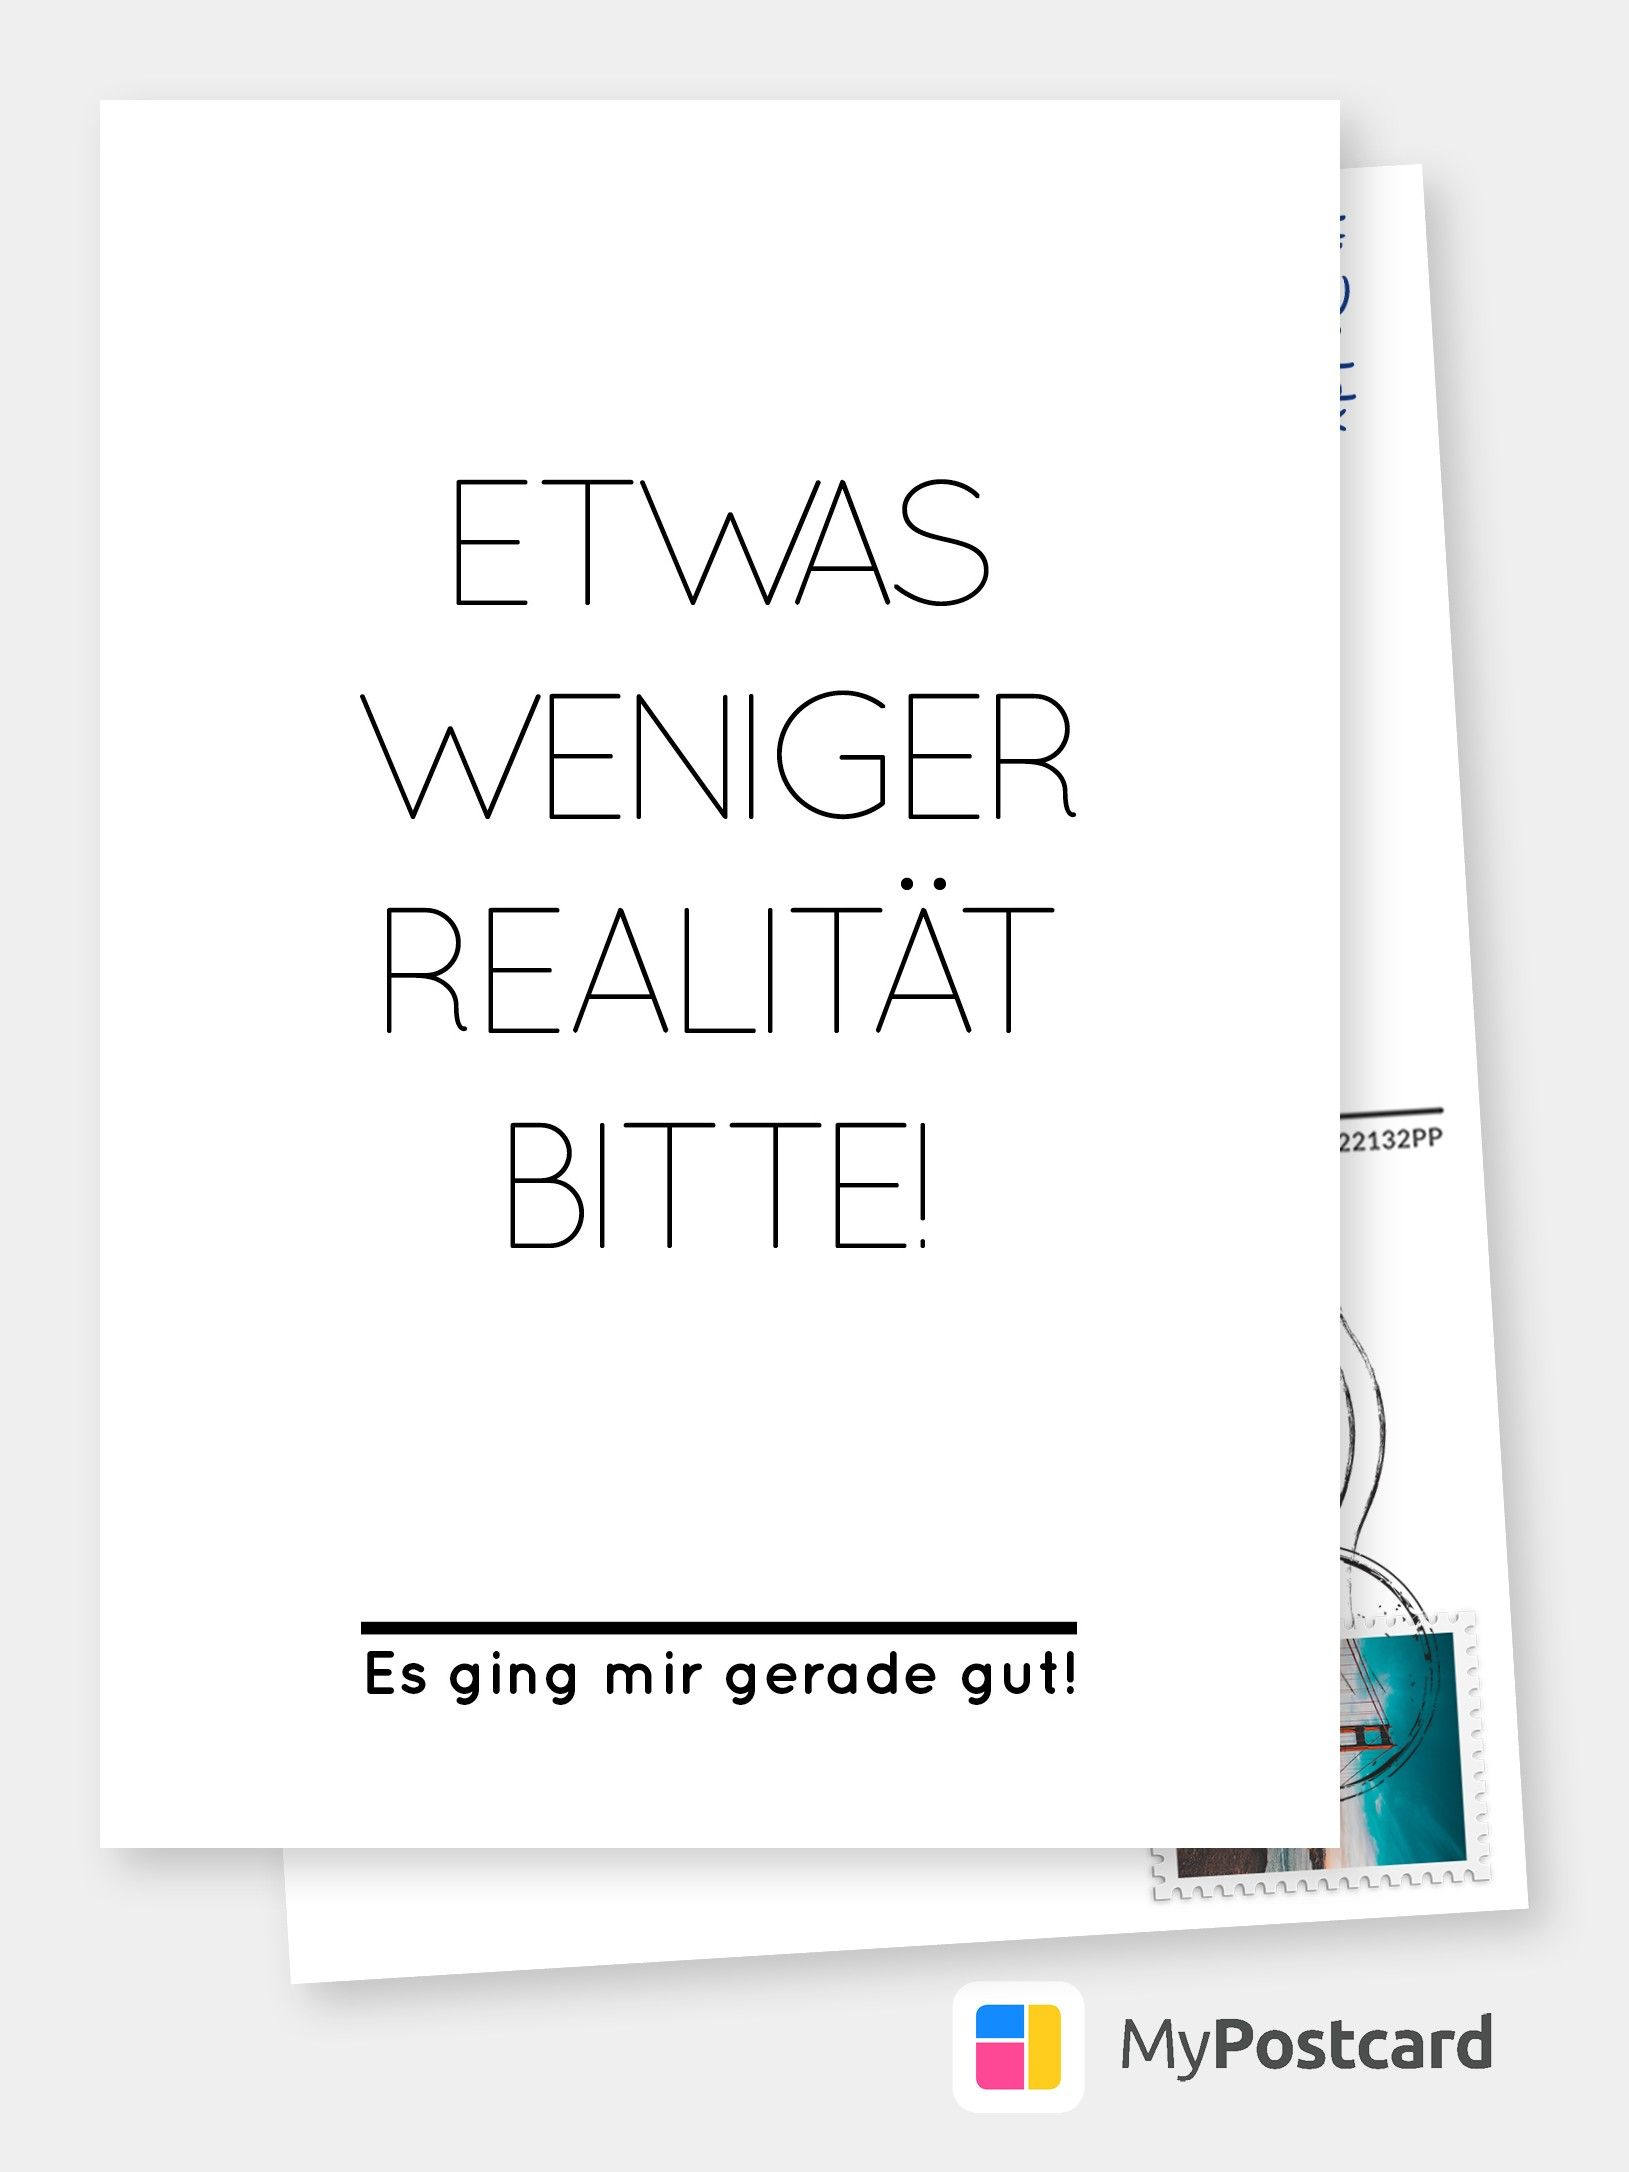 Postkarte Spruche Humor Liebe Mathematik Ich Bin Es Mude Und